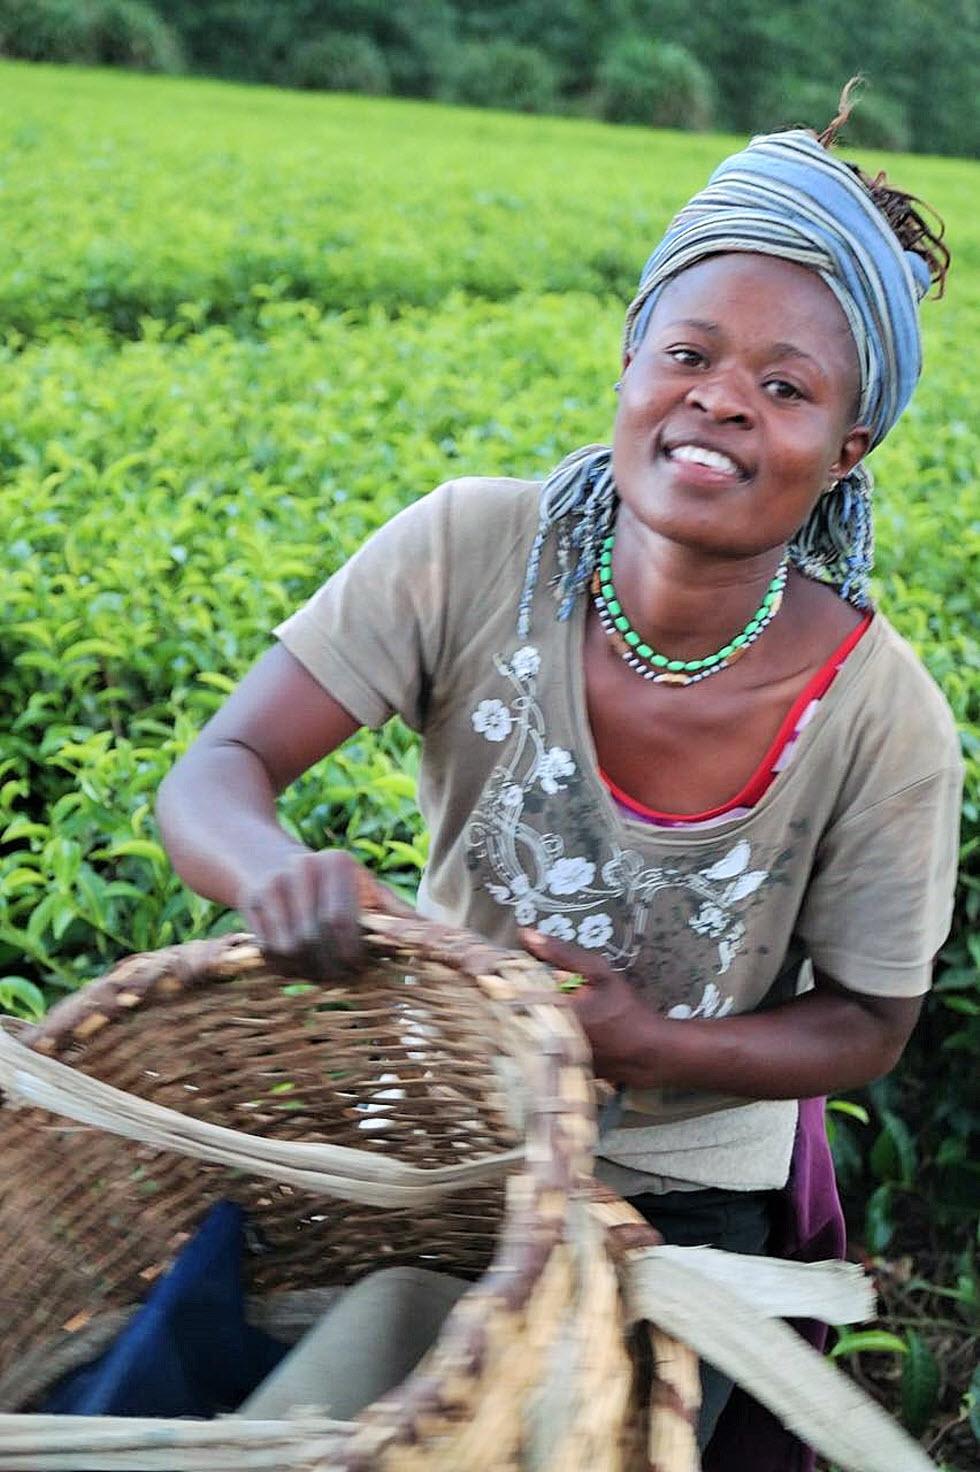 כשמגיעים לאפריקה רואים פתאום אנשים מחייכים אליך סתם, עושים לך שלום, וזה קסם.  (צילום: מאגמה) (צילום: מאגמה)